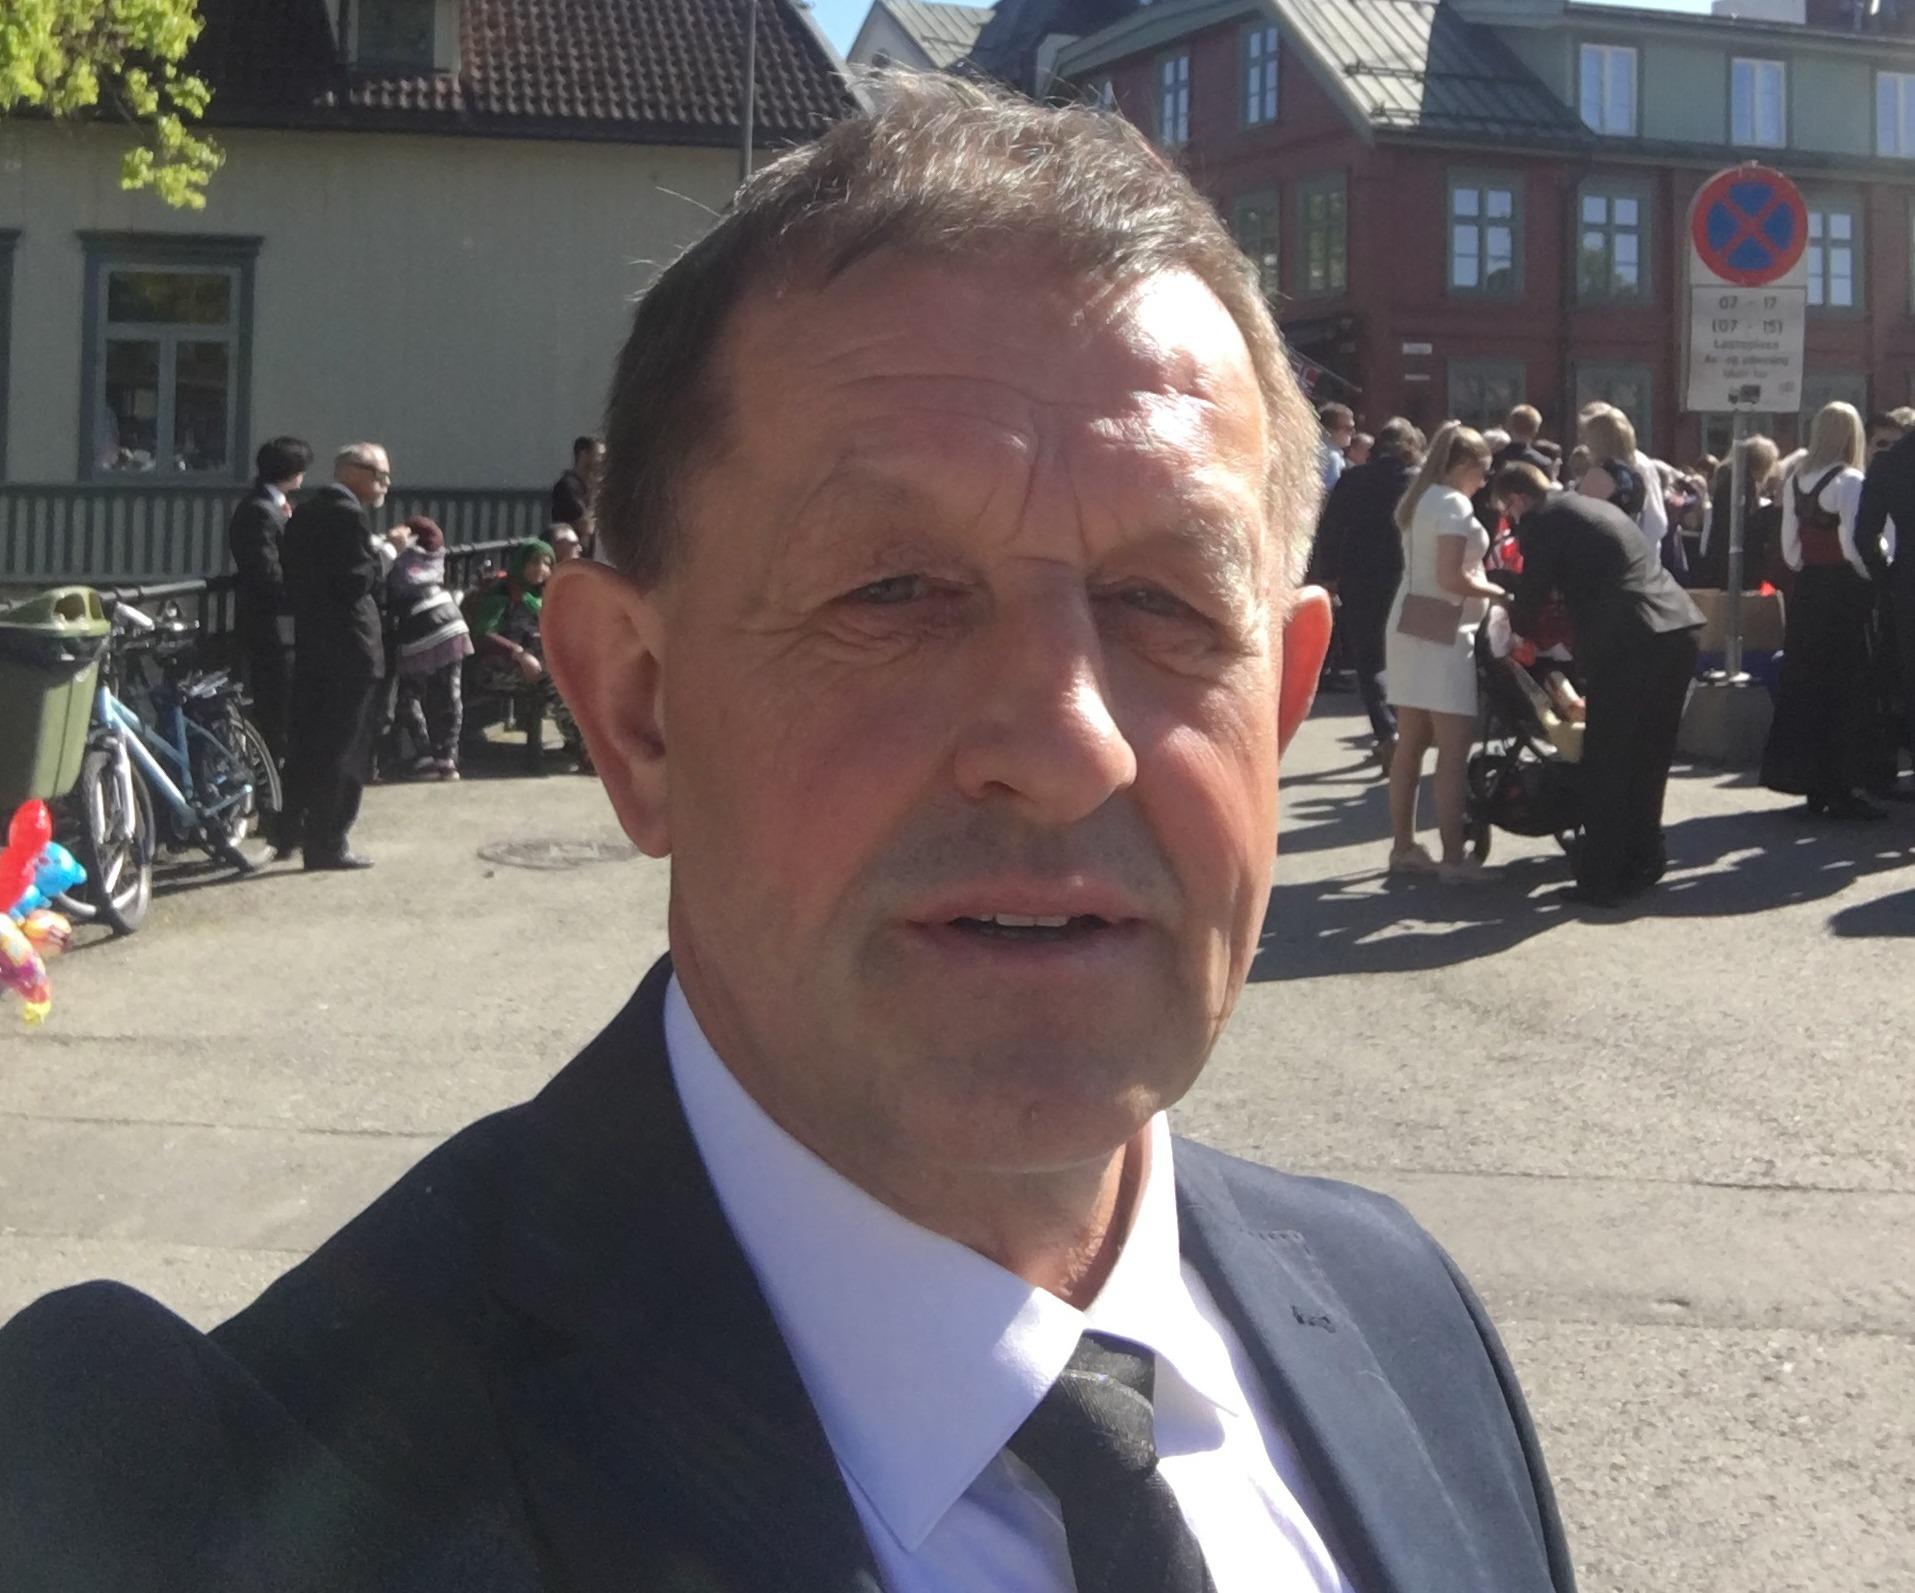 Ken-Erik Jørgensen